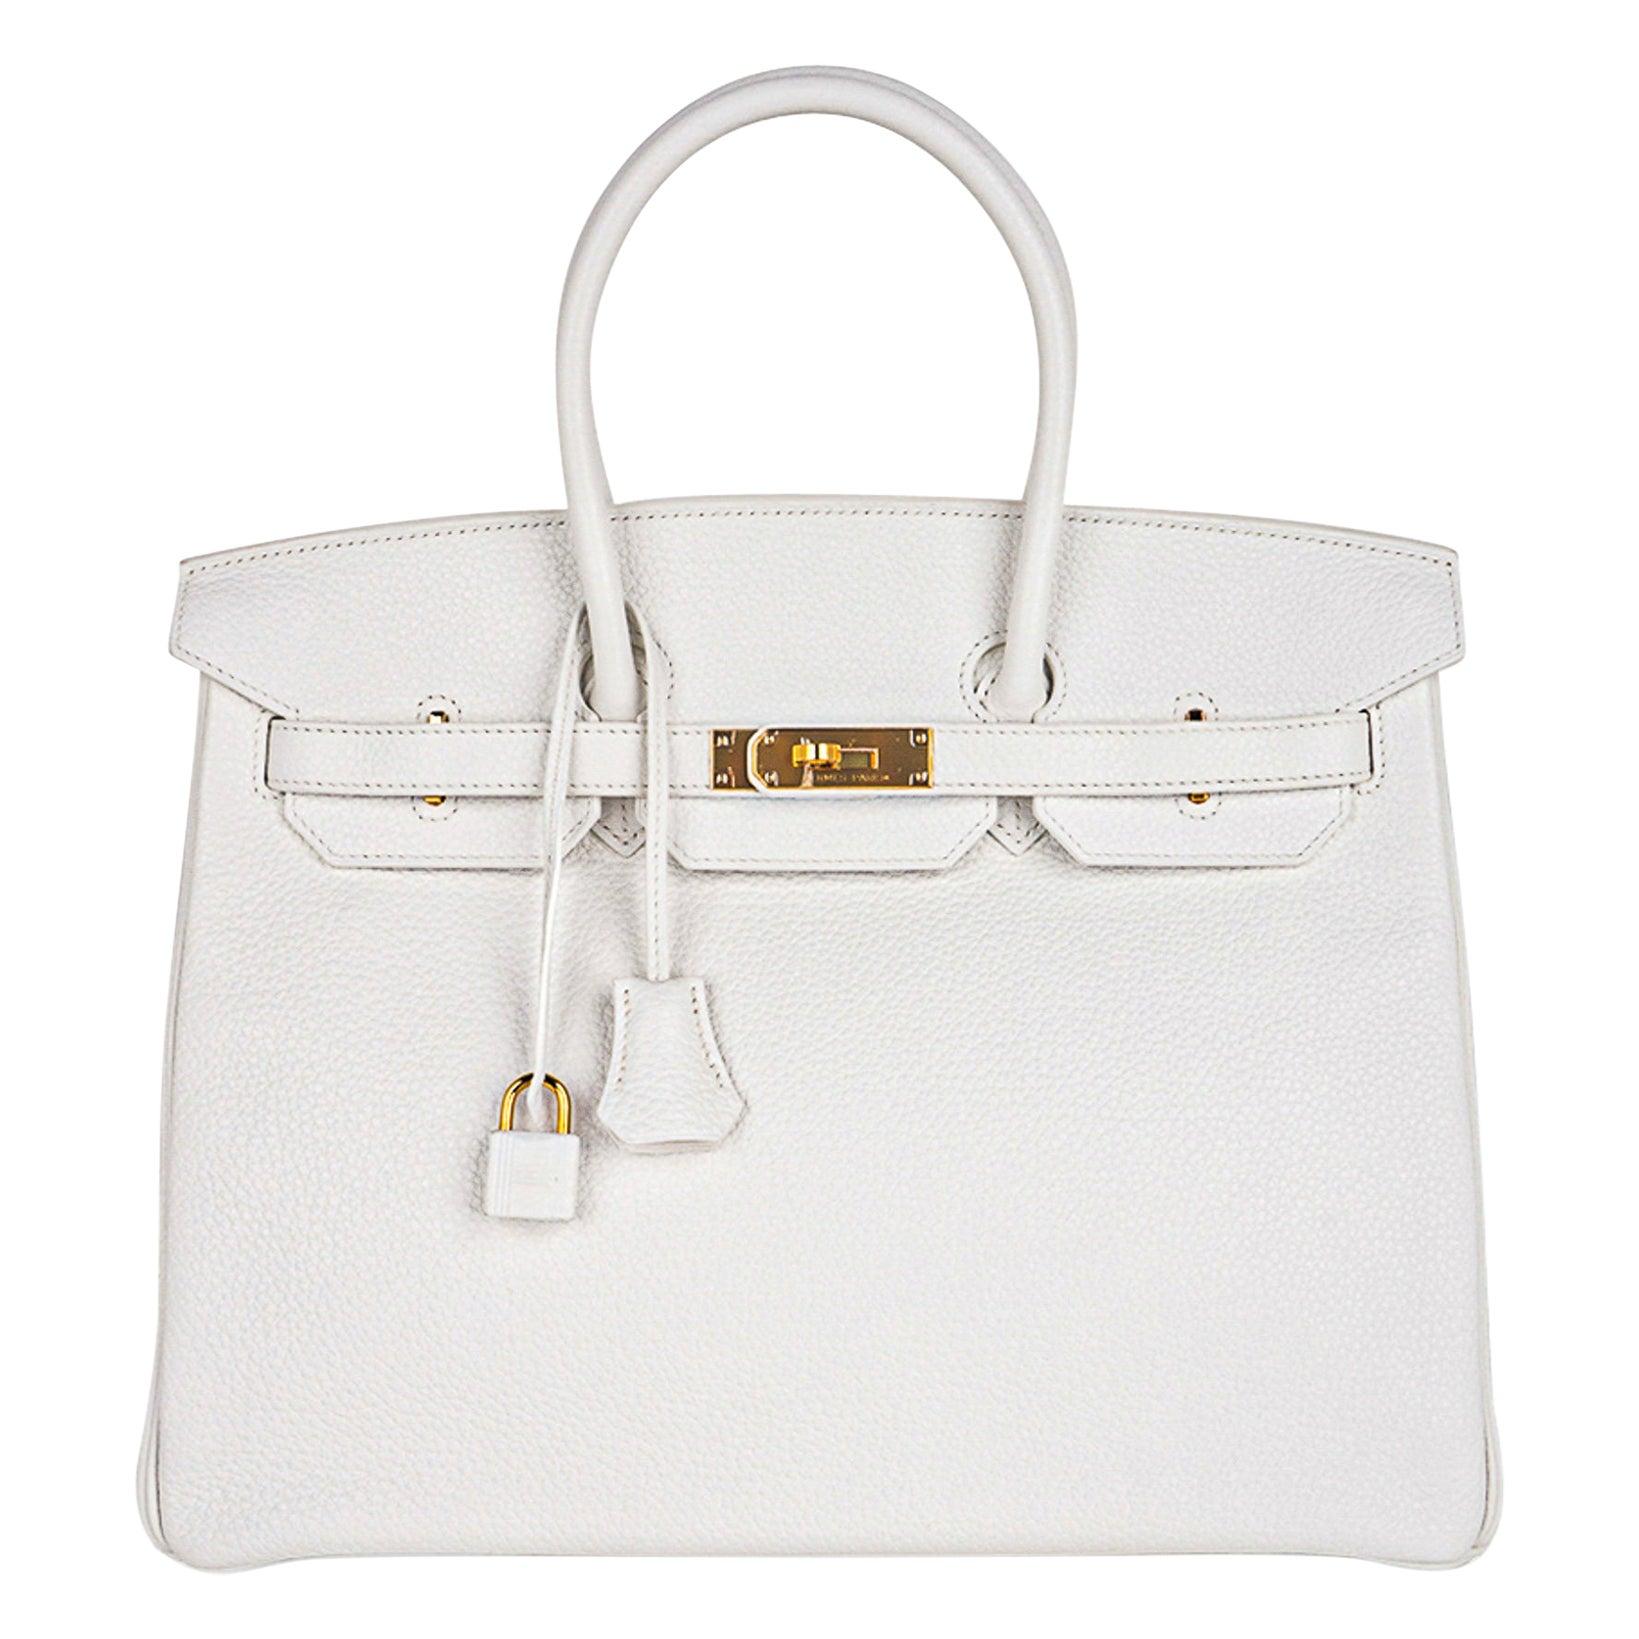 Hermes Birkin 35 Bag White Clemence Gold Hardware